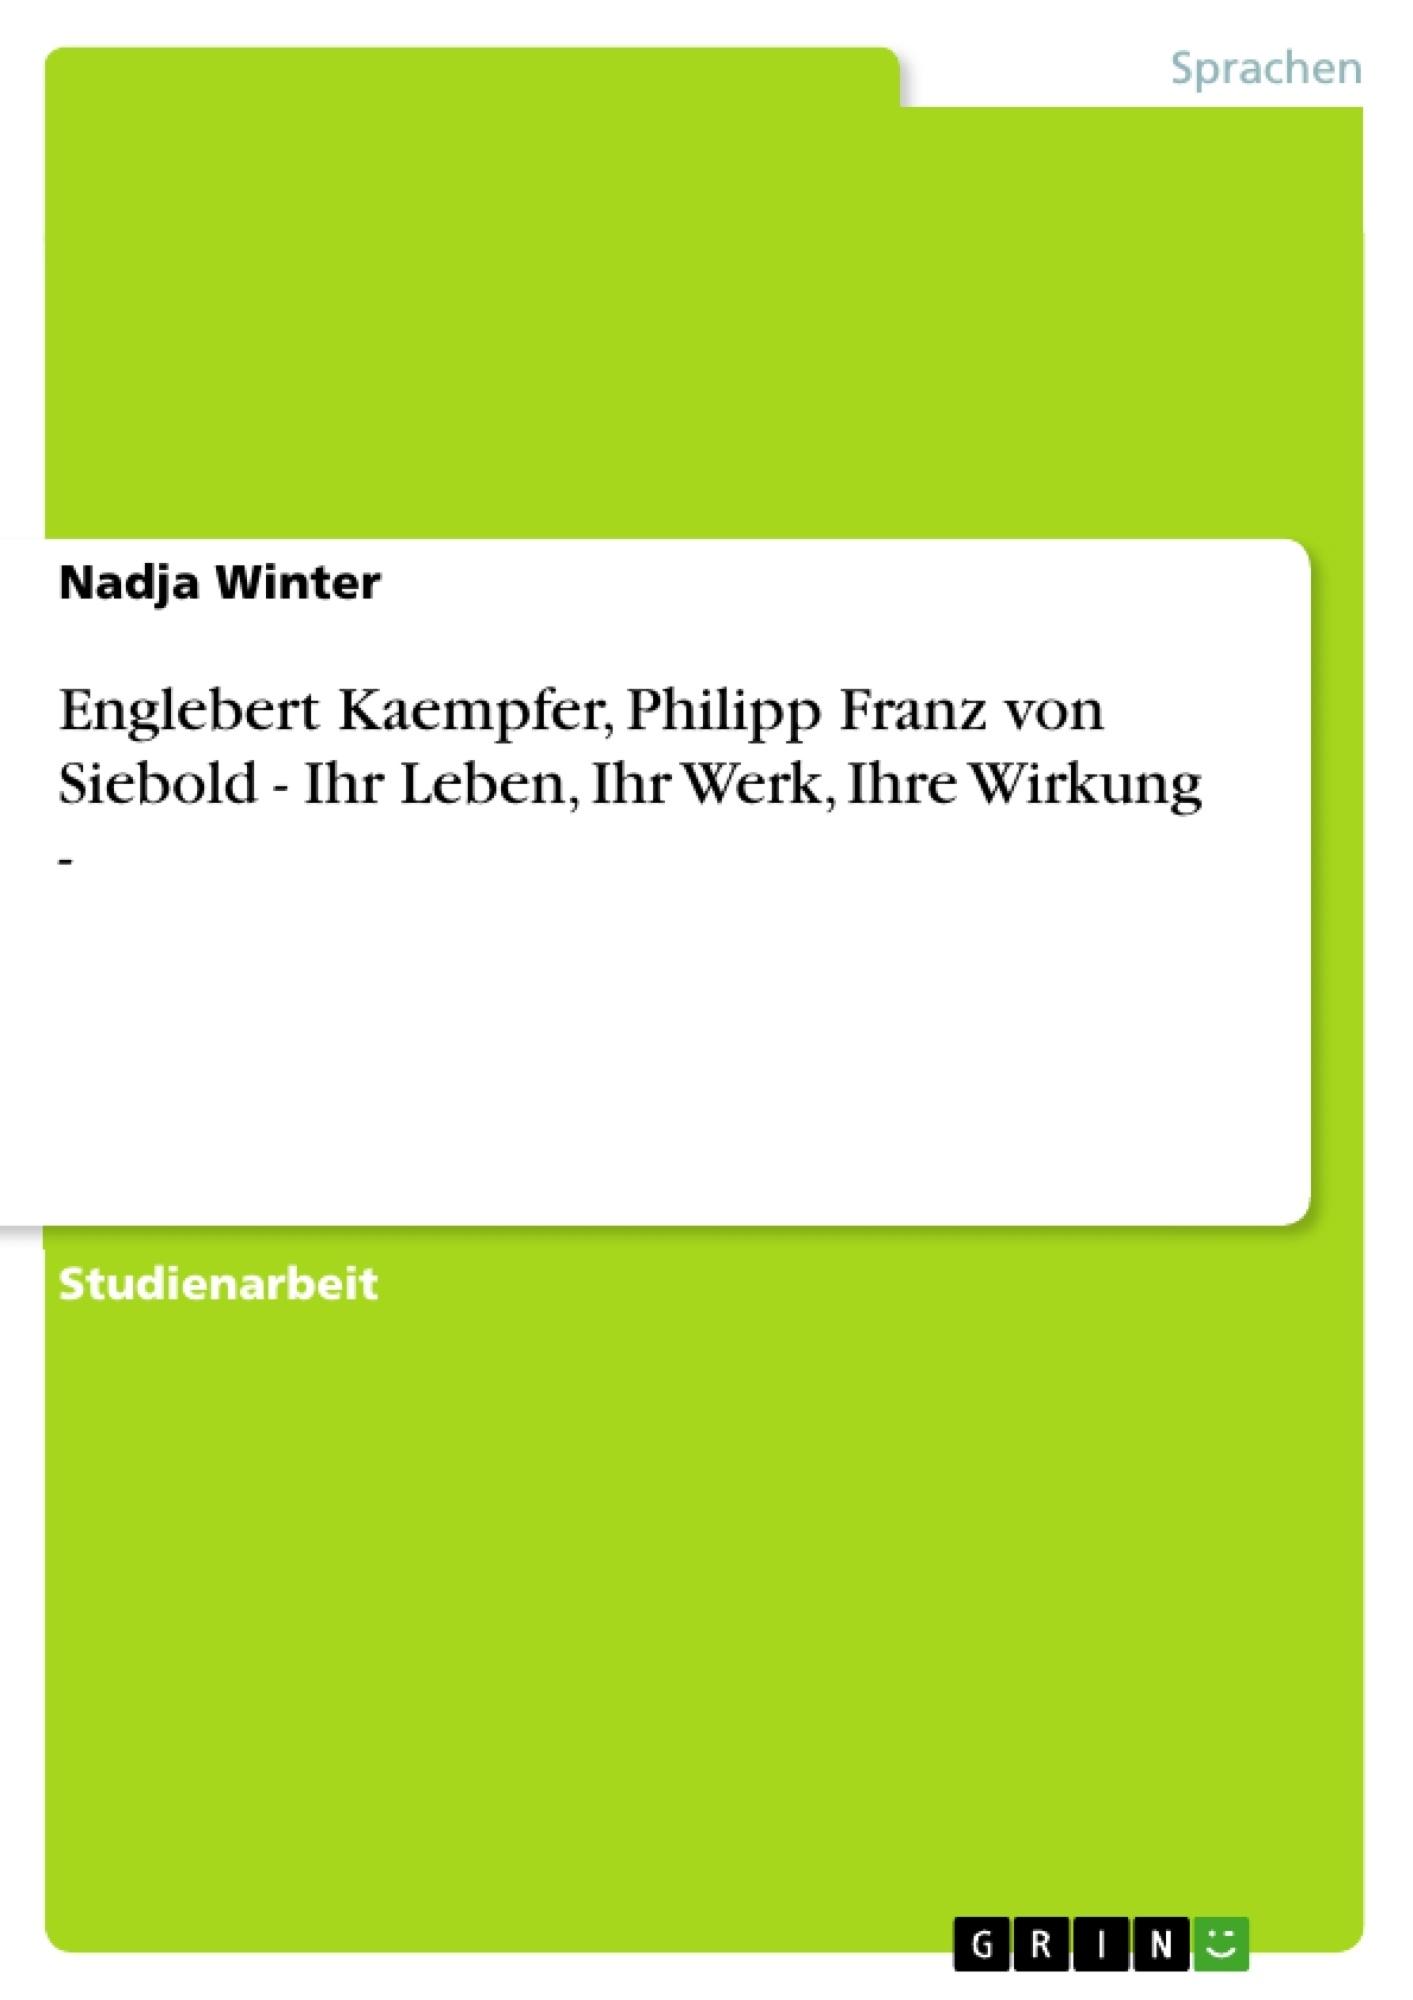 Titel: Englebert Kaempfer, Philipp Franz von Siebold - Ihr Leben, Ihr Werk, Ihre Wirkung -